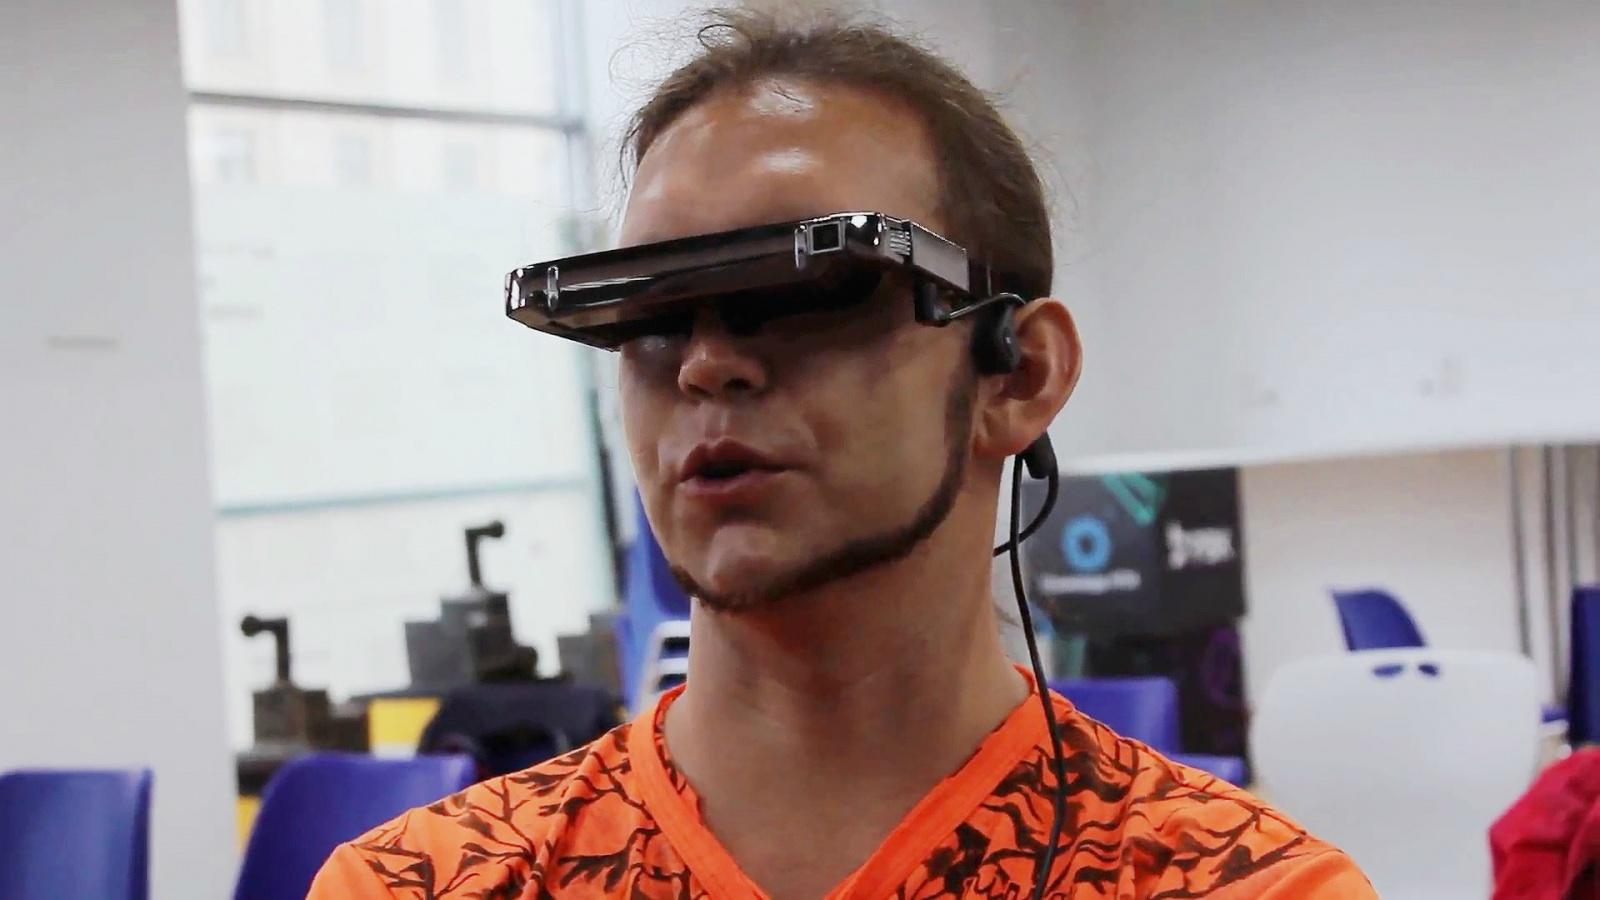 Пионеры новых технологий: Вадим Арцев рассказал, как перестал быть незрячим - 1